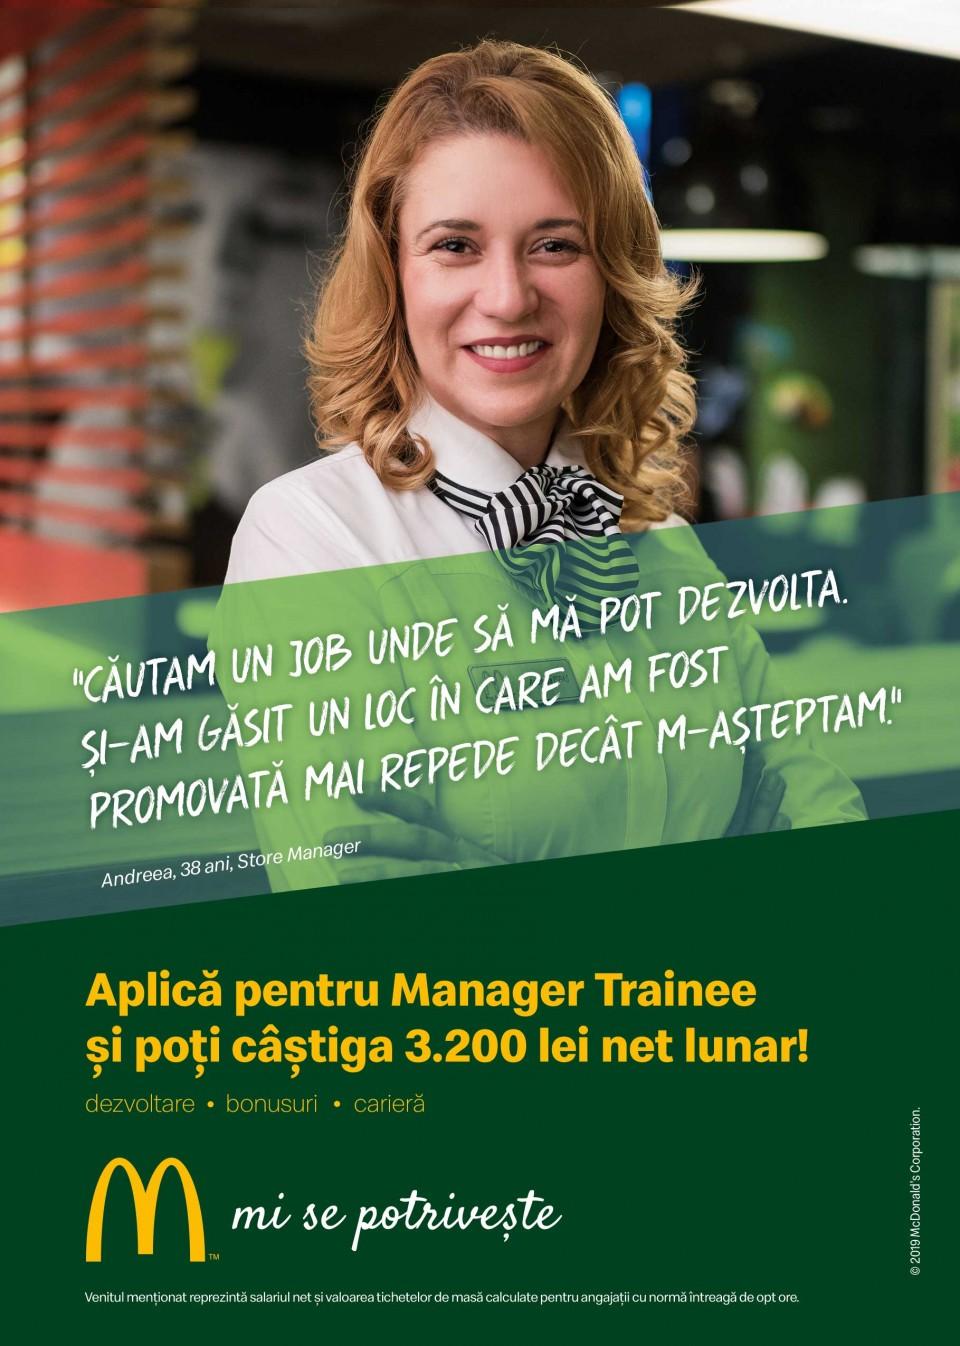 Satu Mare McDonald's McDonald's în RomâniaCei 5.000 de angajați ai McDonald's în România știu ce înseamnă puterea unui zâmbet.  Echipa McDonald's e formată din oameni muncitori, ambițioși, pentru care interacțiunea cu alți oameni este o bucurie. În fiecare zi, angajații McDonald's întâmpină peste 210.000 de clienți. Ne dorim să aducem în echipa noastră colegi dornici să învețe și să crească în cadrul unei echipe puternice și ambițioase.  McDonald's a deschis primul restaurant în România pe 16 iunie 1995, în Unirea Shopping Center din București. A fost primul pas în construirea unei povești de succes, care se dezvoltă în fiecare an.  În 2016, McDonald's în România a devenit Premier Restaurants România, ca urmare a parteneriatului pentru dezvoltare încheiat cu Premier Capital, compania malteză care coordonează operațiunile McDonald's din șase țări europene: Estonia, Grecia, Letonia, Lituania, Malta și România.  Astăzi, McDonald's are 78 de restaurante în 23 de orașe din România și este liderul pieței de restaurante cu servire rapidă. În același timp, lanțul McCafé, are în prezent 33 de cafenele în România și crește de la an la an.http://mcdonalds.ro